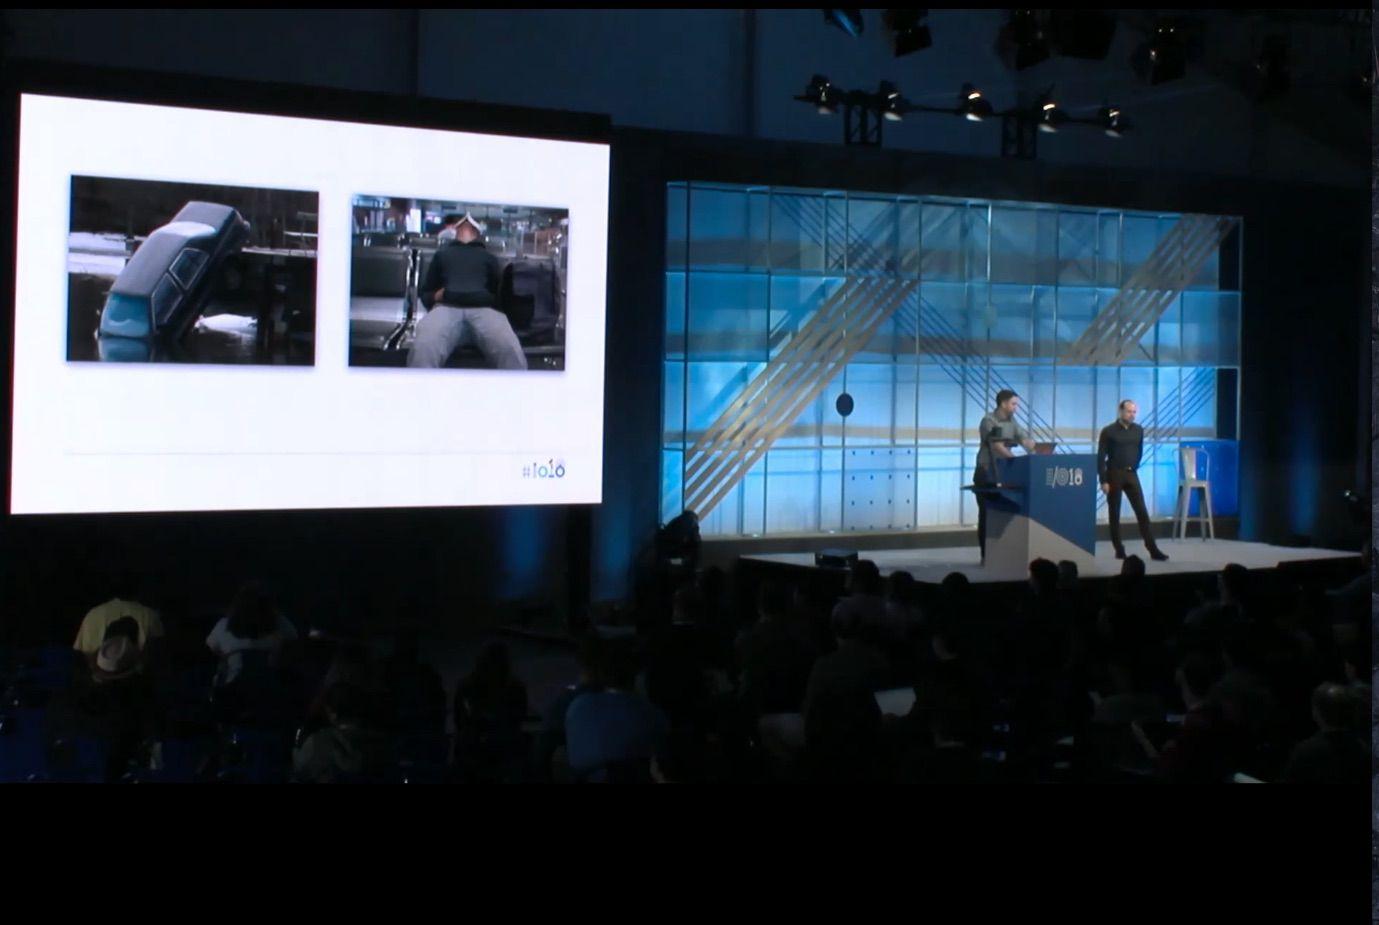 Paul Irish & Jason Miller self-driving cars